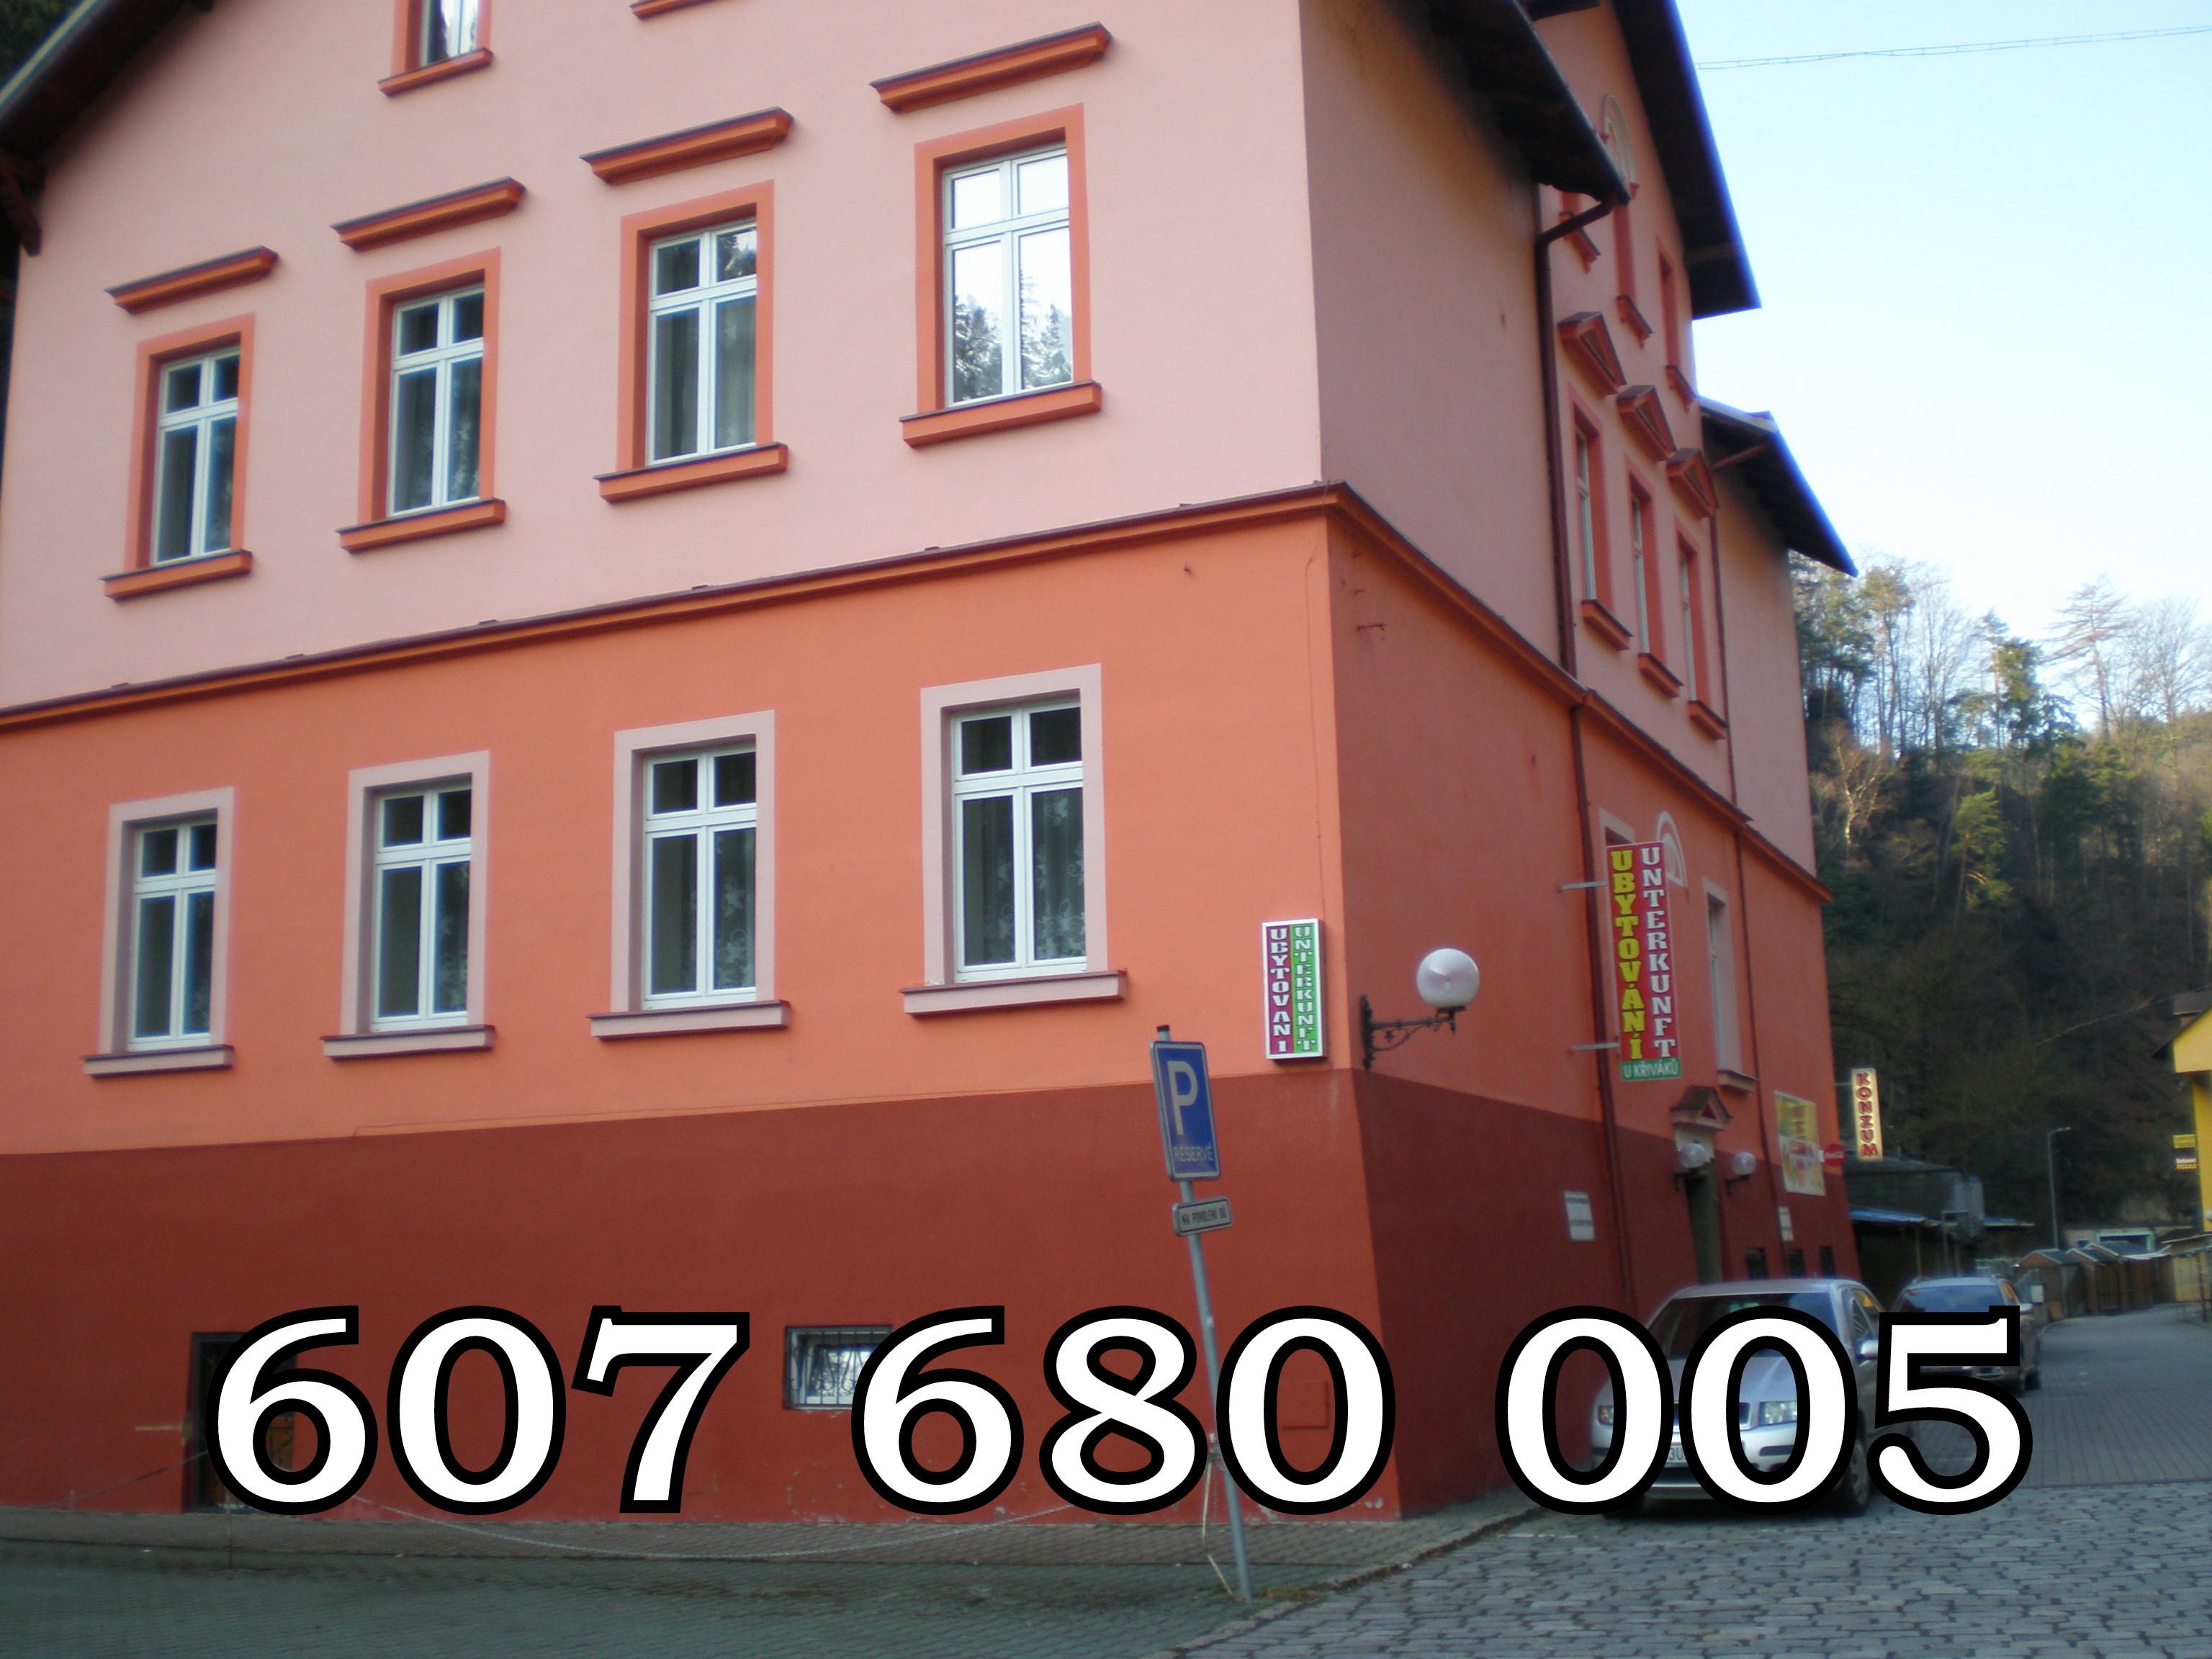 Ubytování v Penzionu v Českosaském Švýcarsku - Hře